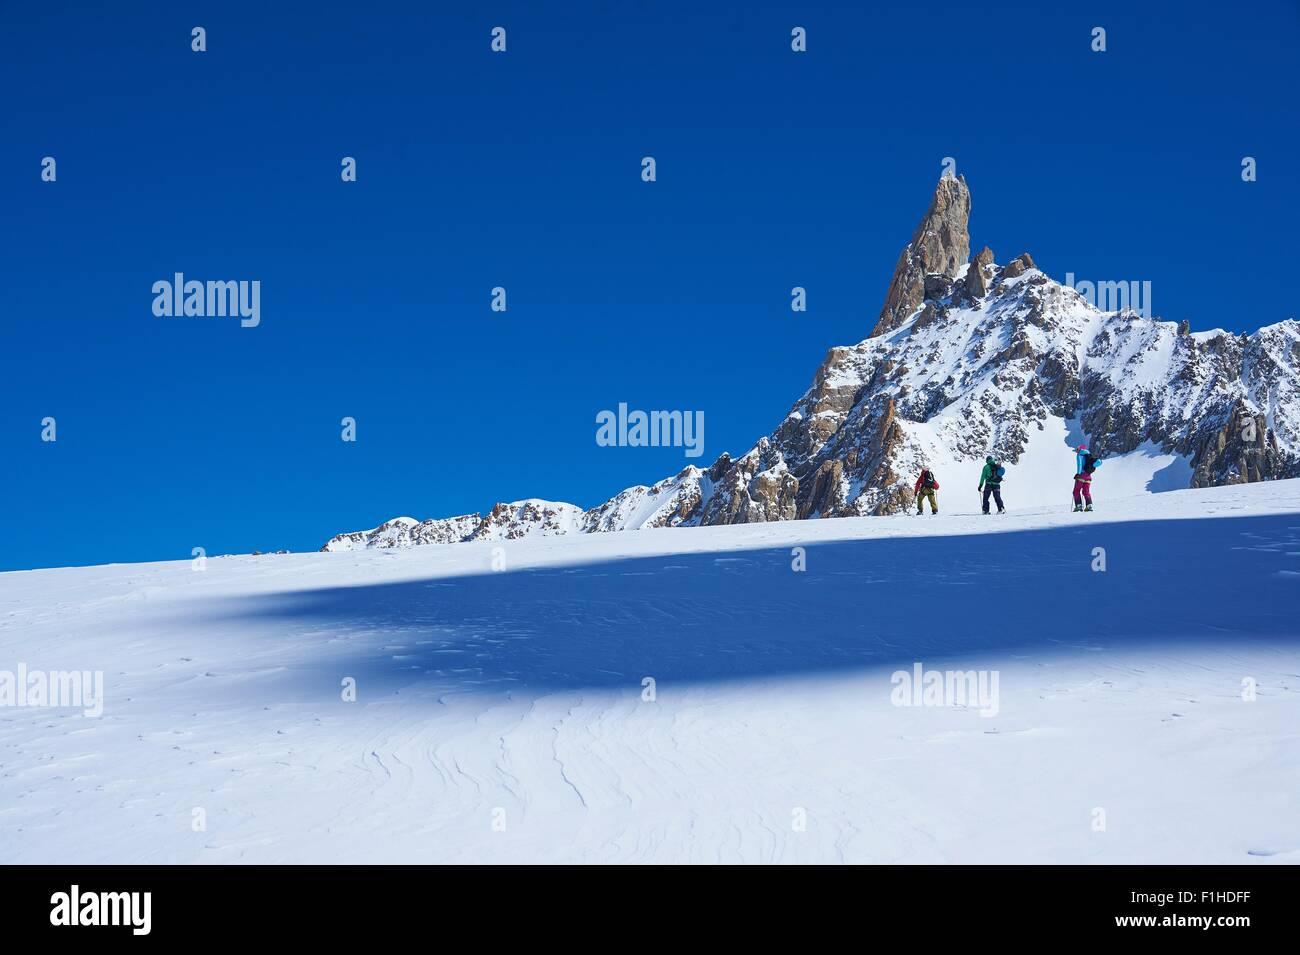 Vista lejana de tres esquiadores subiendo Graian macizo del Mont Blanc, Alpes, Francia Imagen De Stock